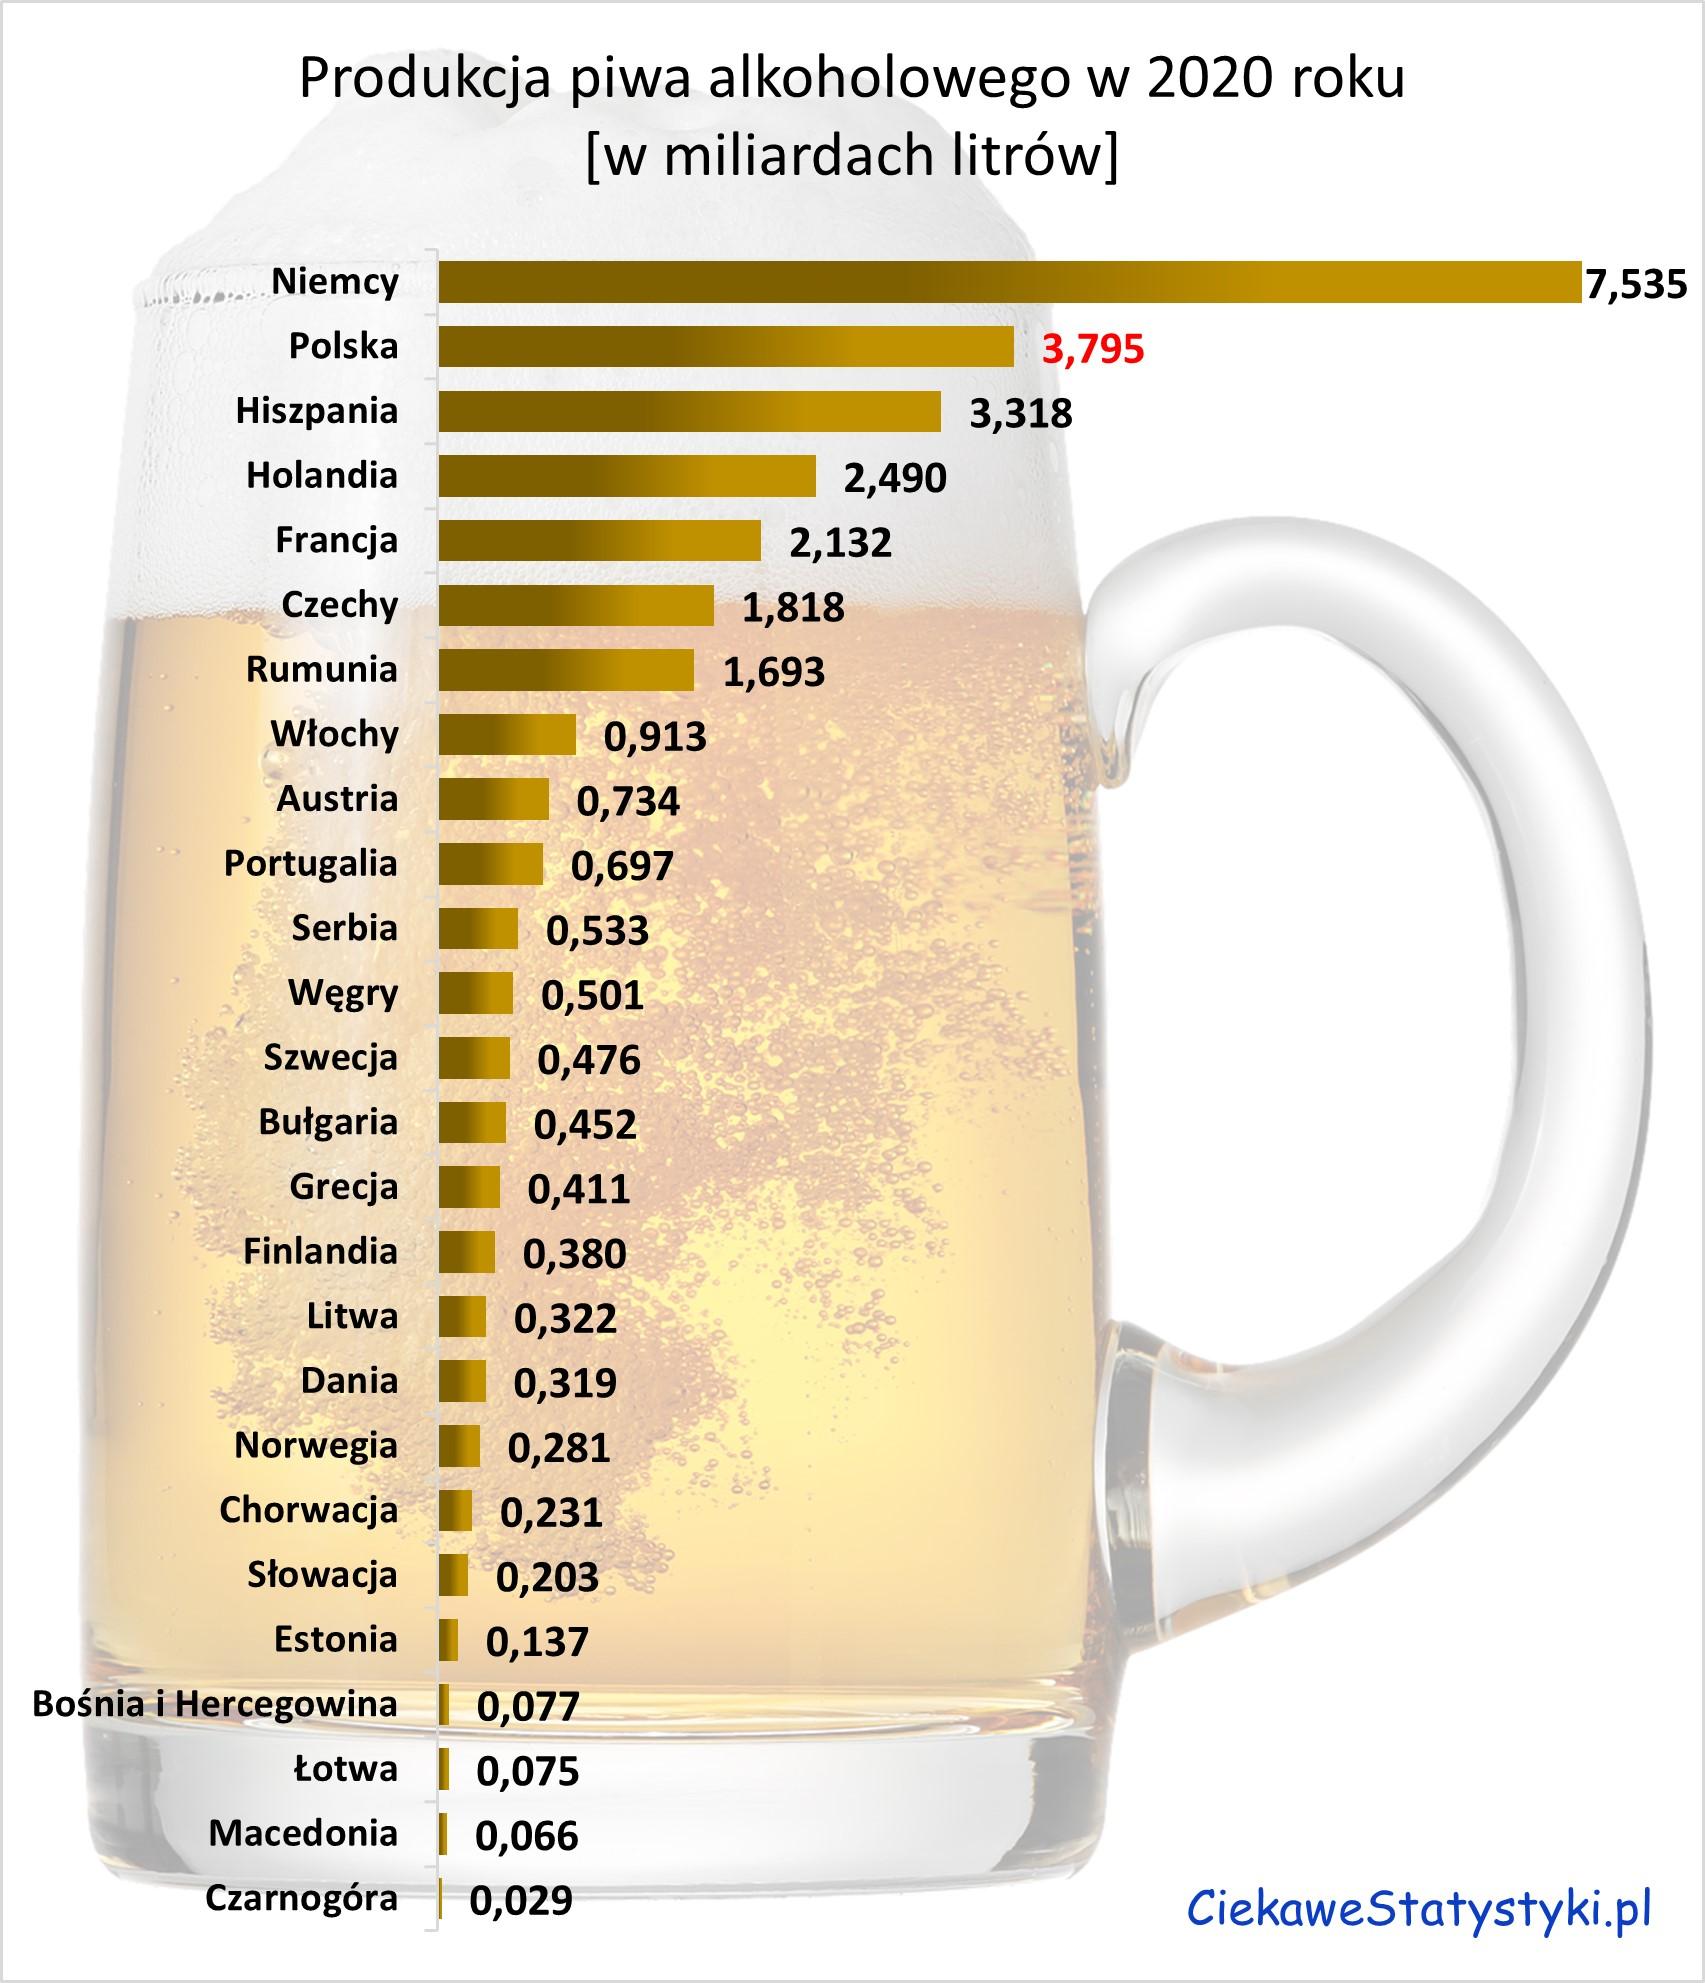 Produkcja piwa w Unii Europejskiej w 2020 roku; kto produkuje najwięcej piwa?